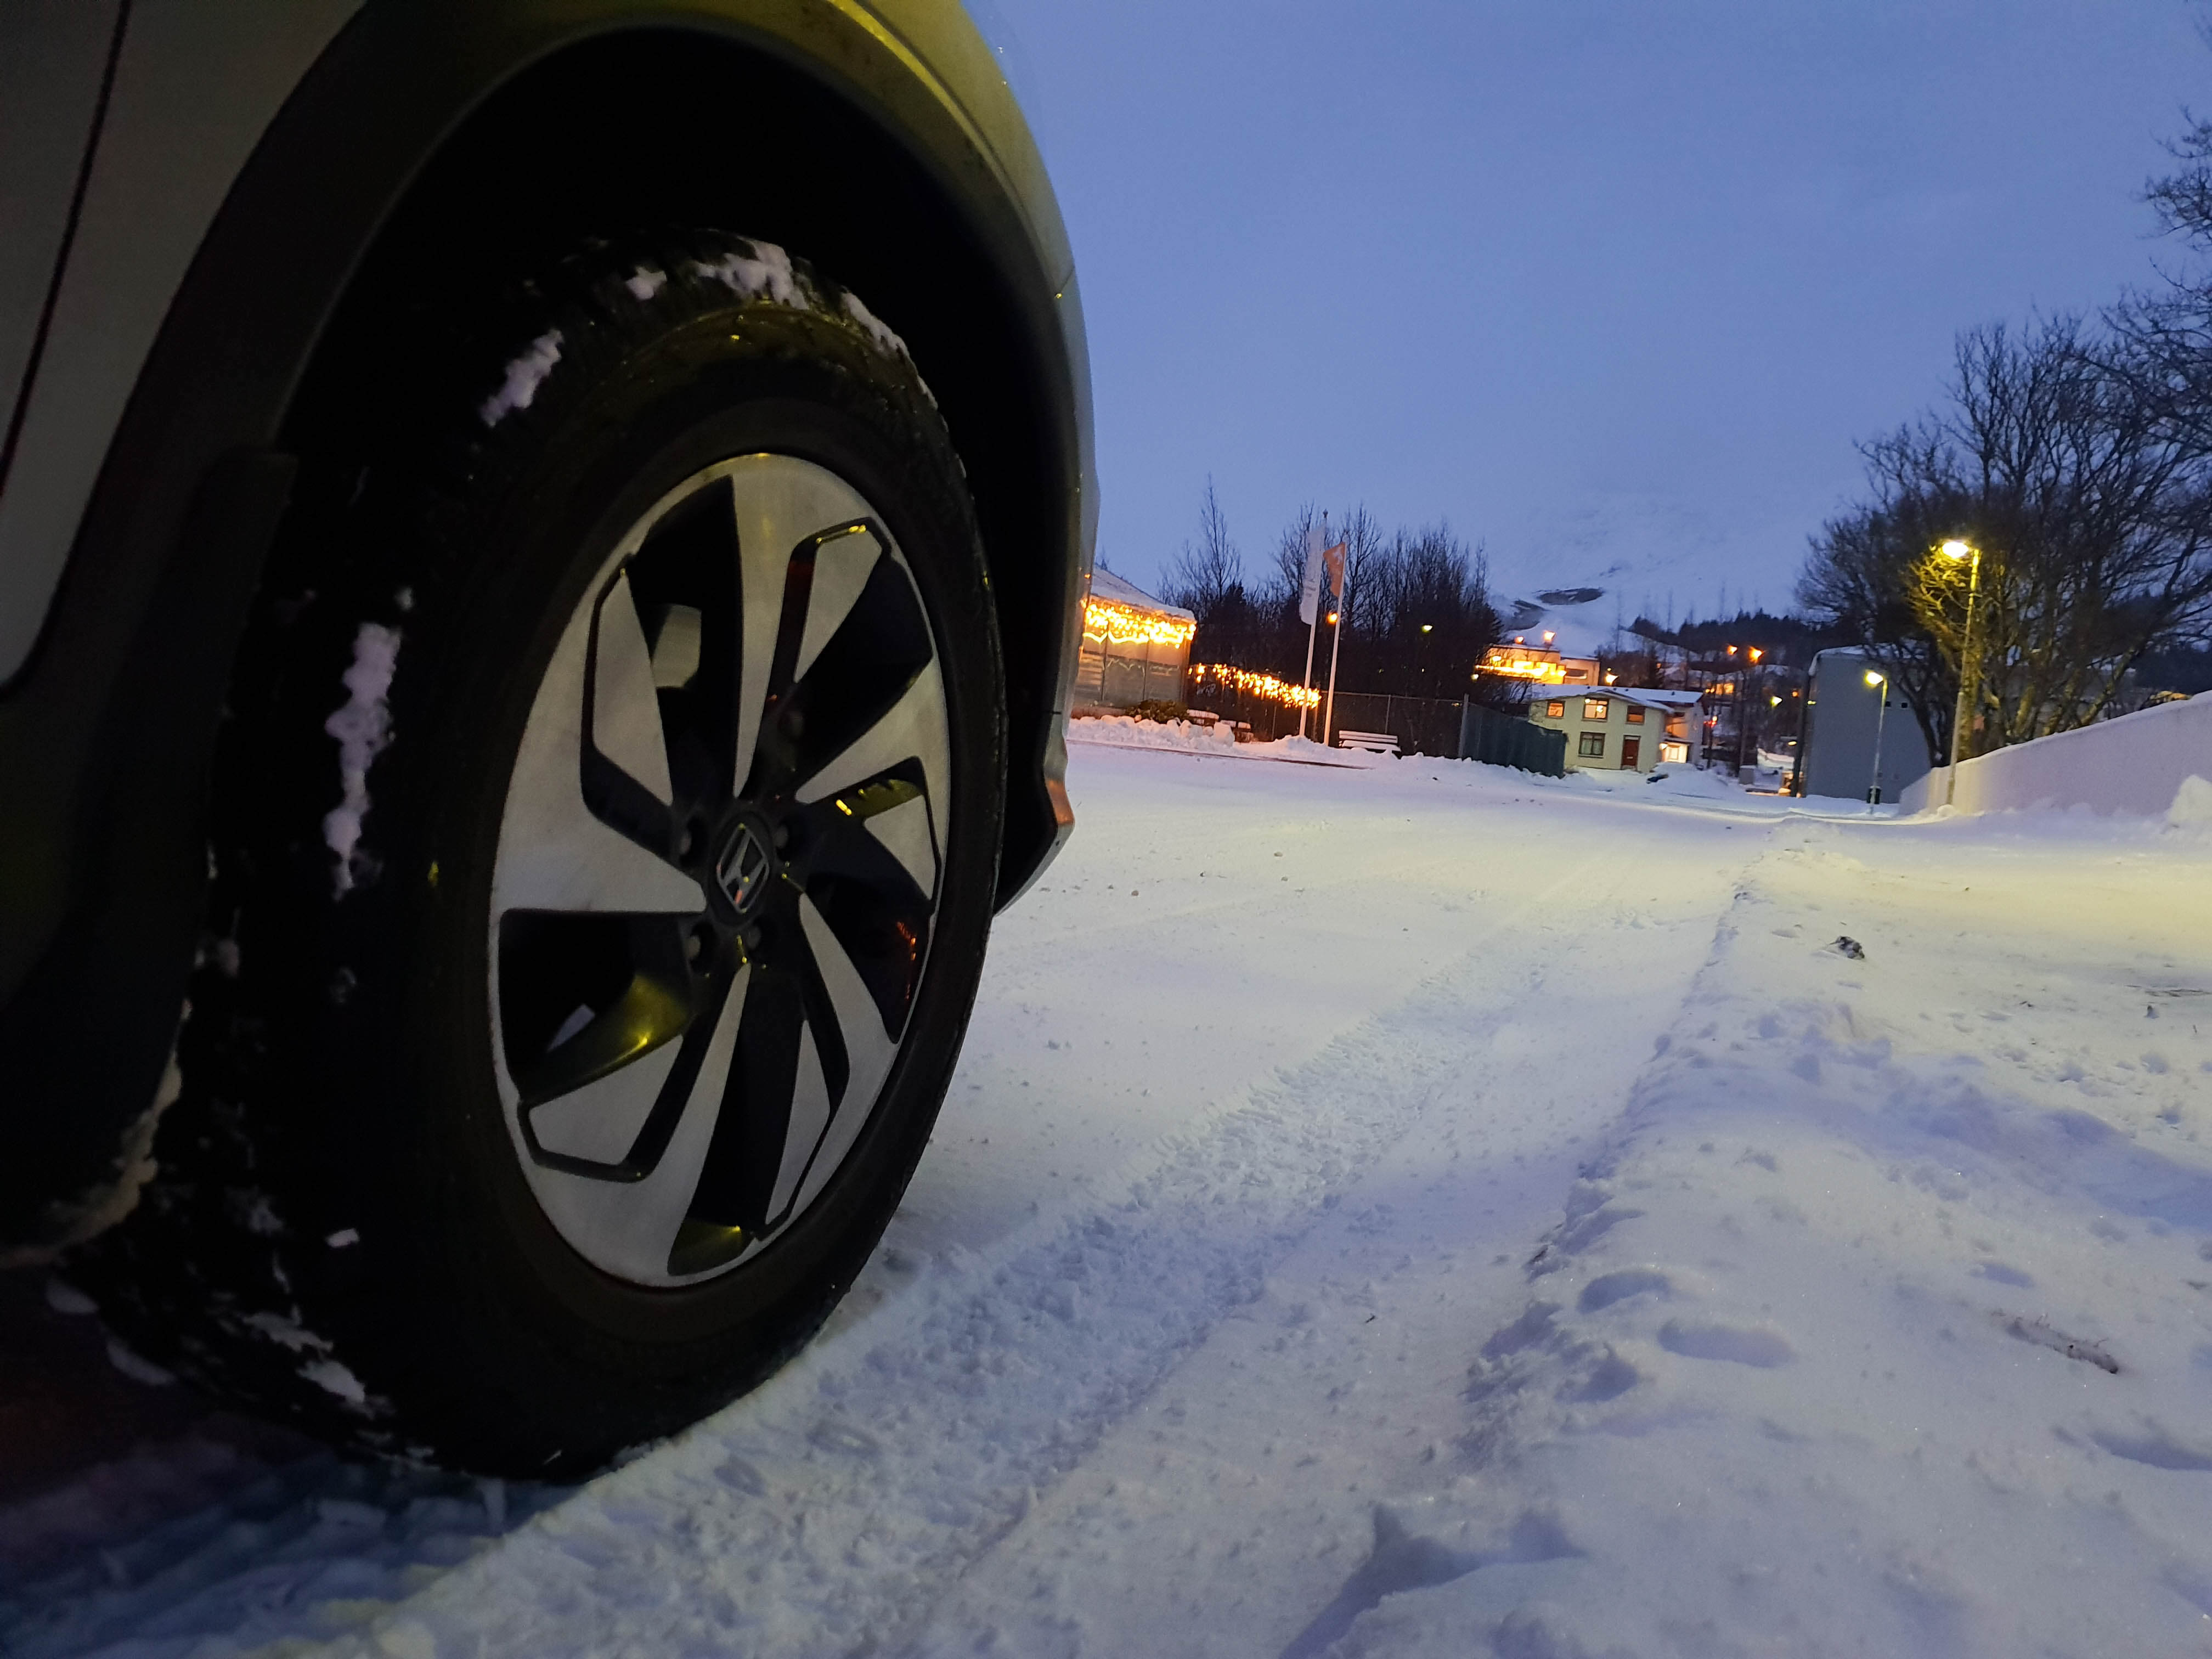 Nut van winterbanden voor wintersport